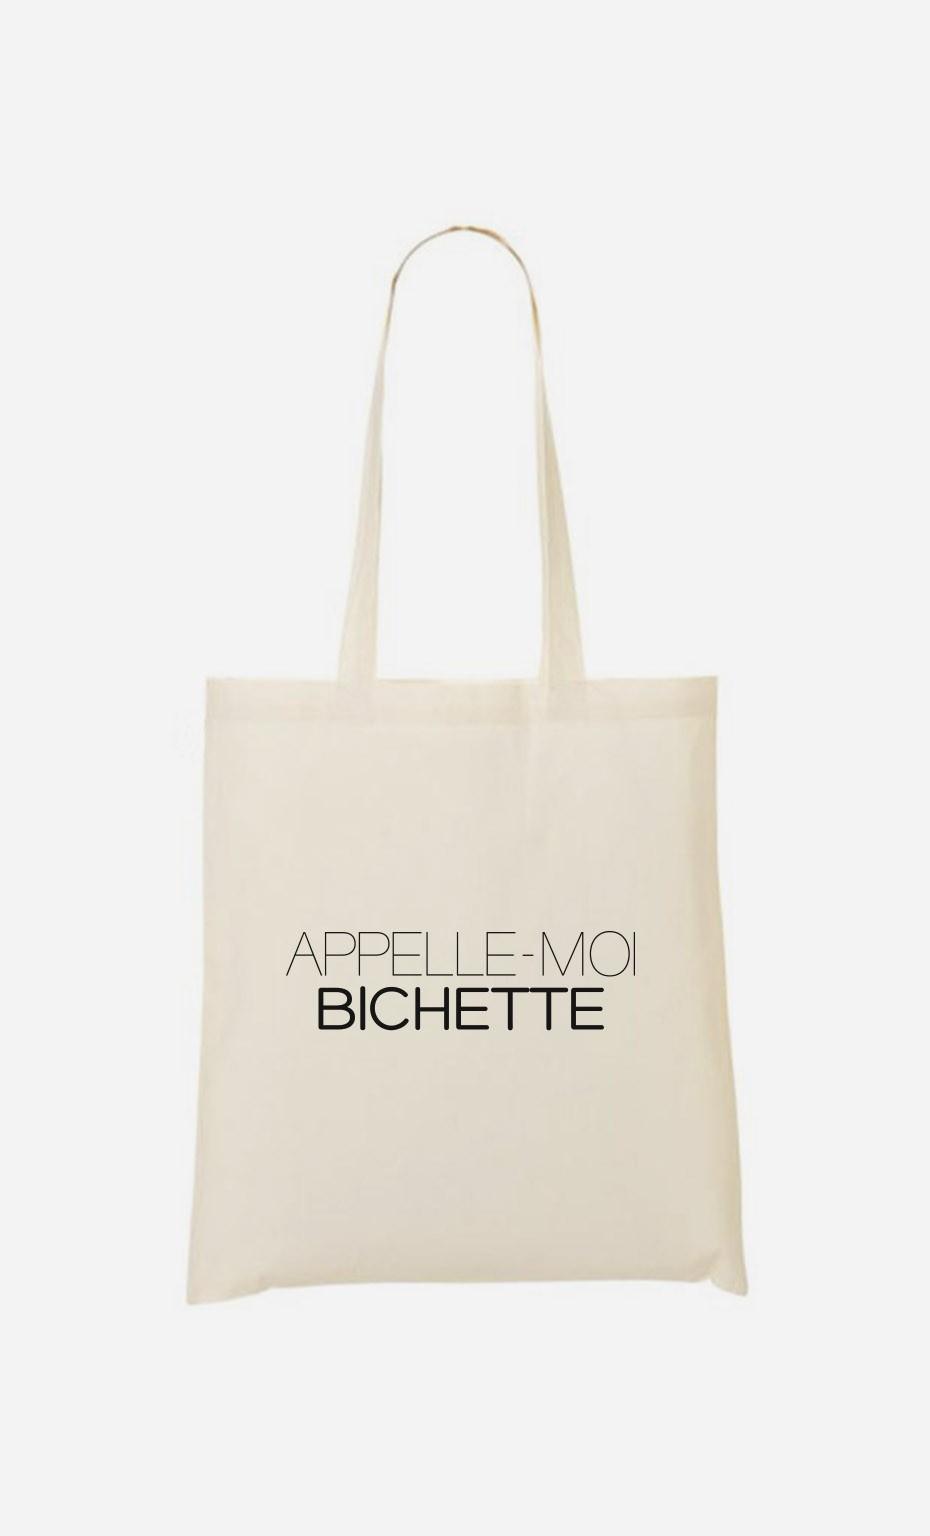 Tote Bag Appelle-Moi Bichette